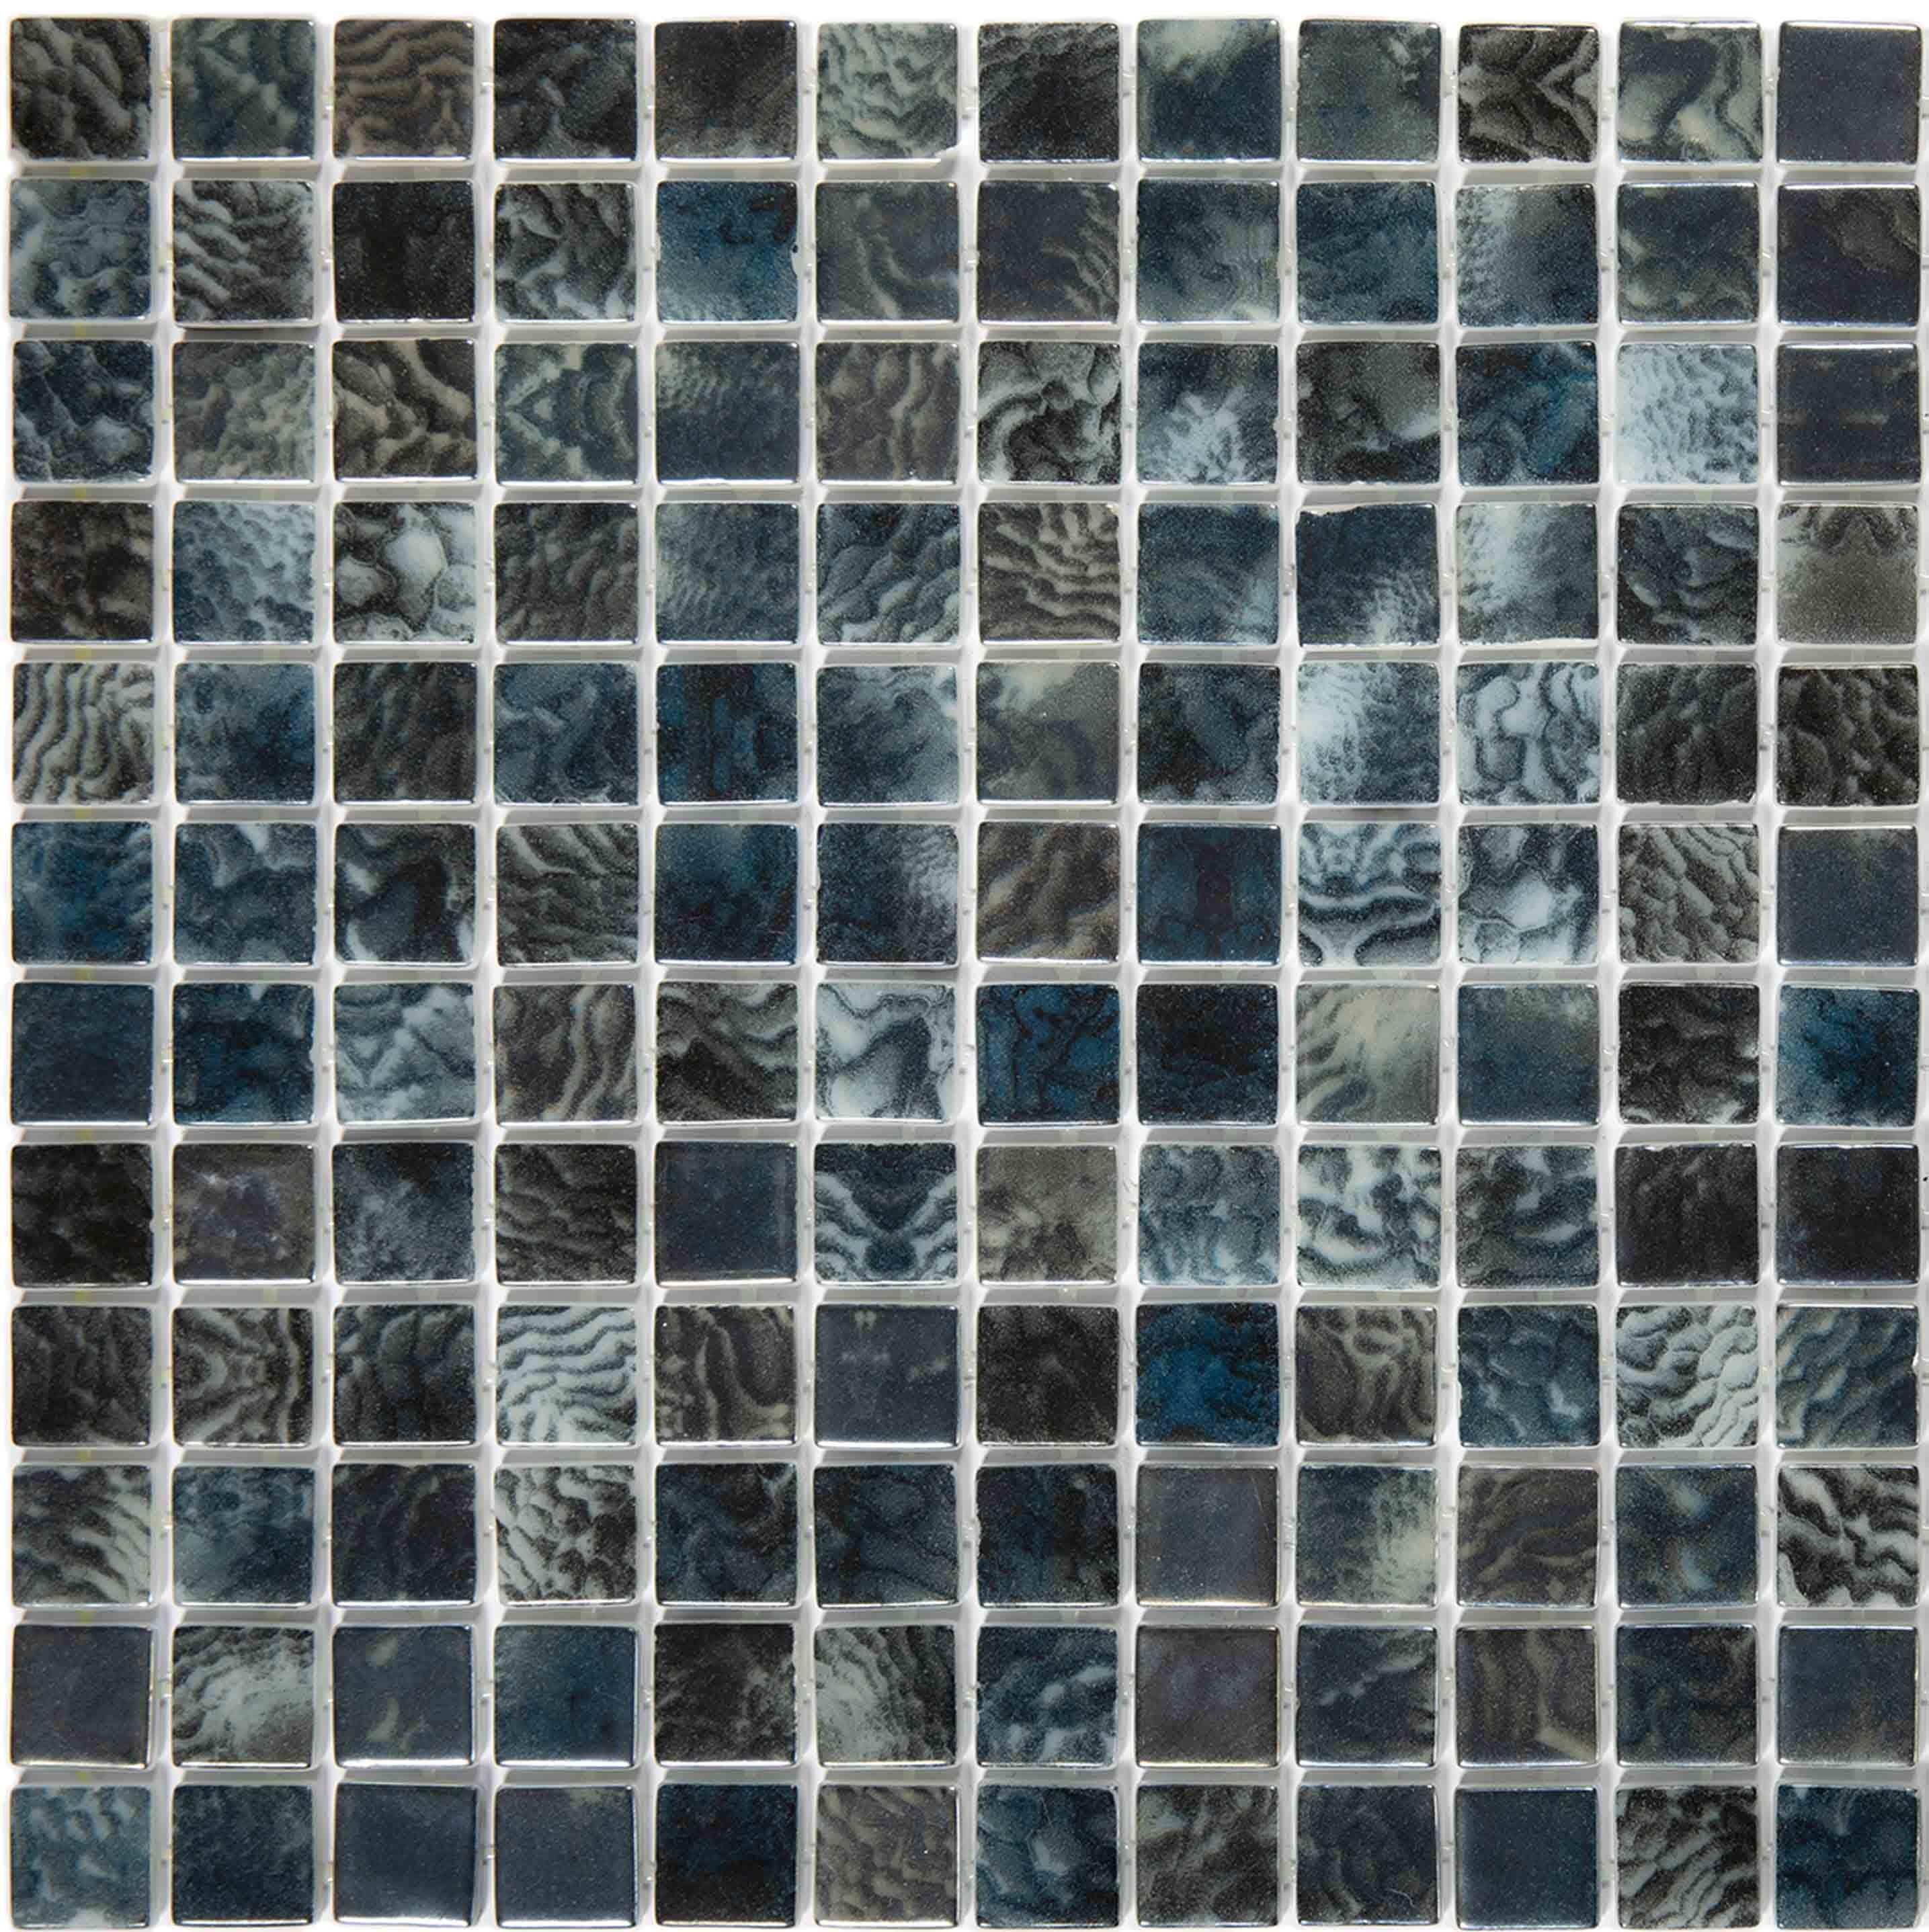 Pool-Tiles Hero Onix Flint-hero-gallery-2